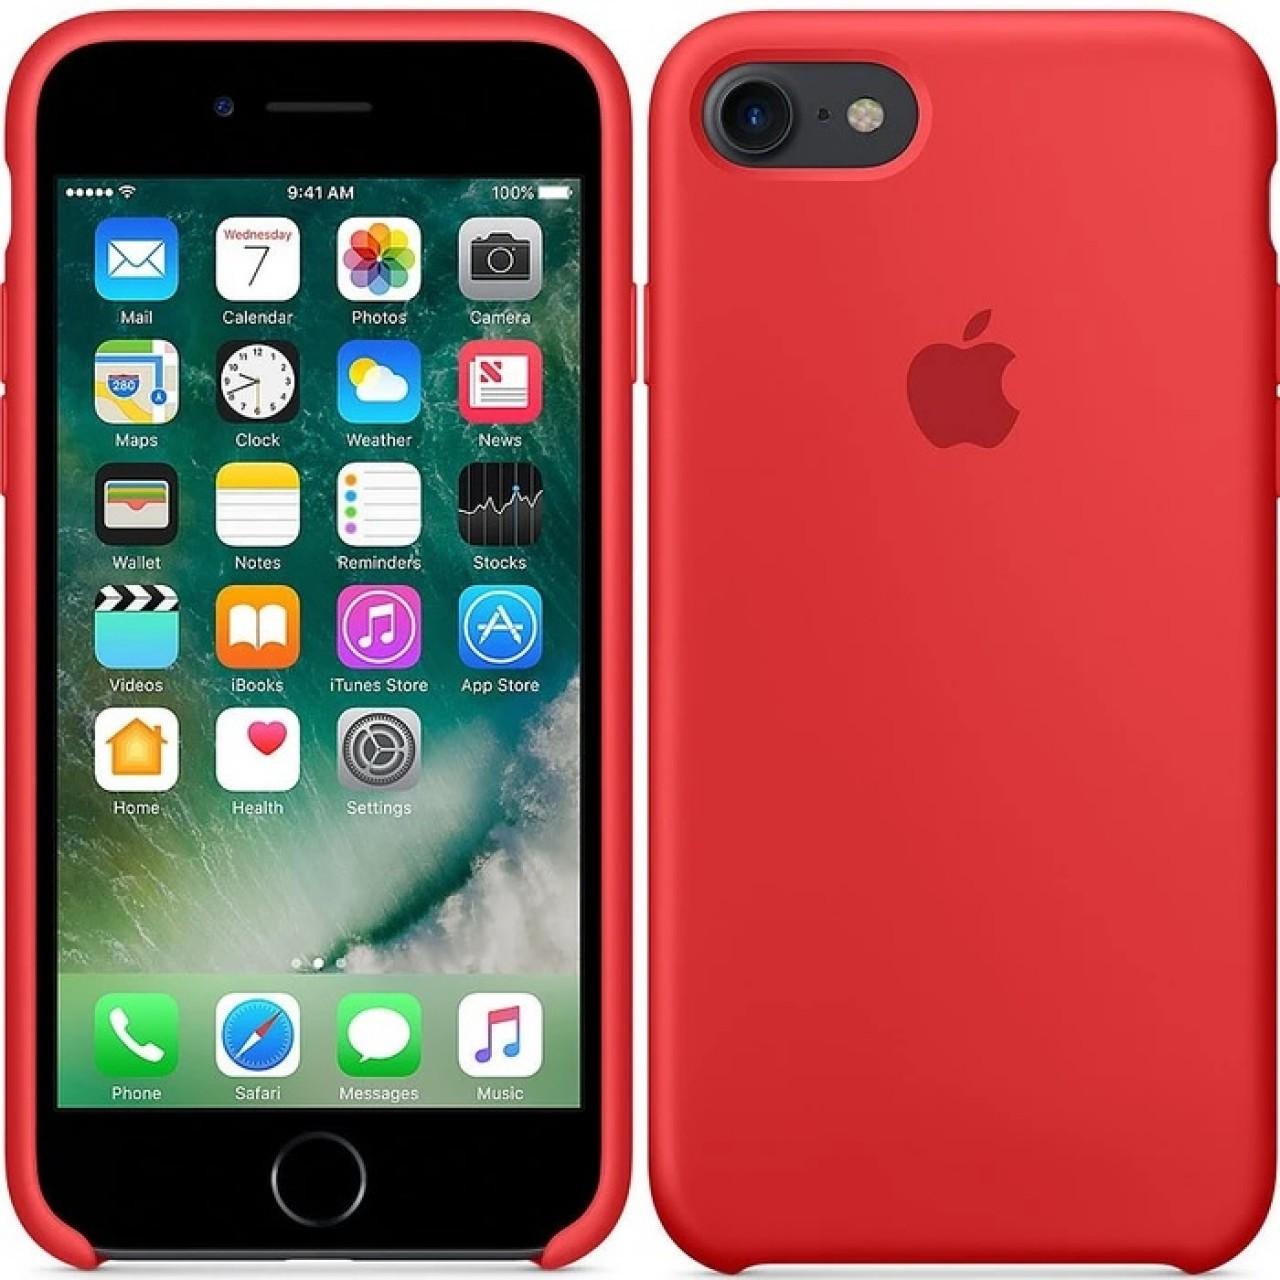 ΘΗΚΗ ΠΡΟΣΤΑΣΙΑΣ ΣΙΛΙΚΟΝΗΣ ΓΙΑ iPhone 7 / 8 PLUS ΚΟΚΚΙΝΗ - BACK COVER SILICON CASE RED - OEM